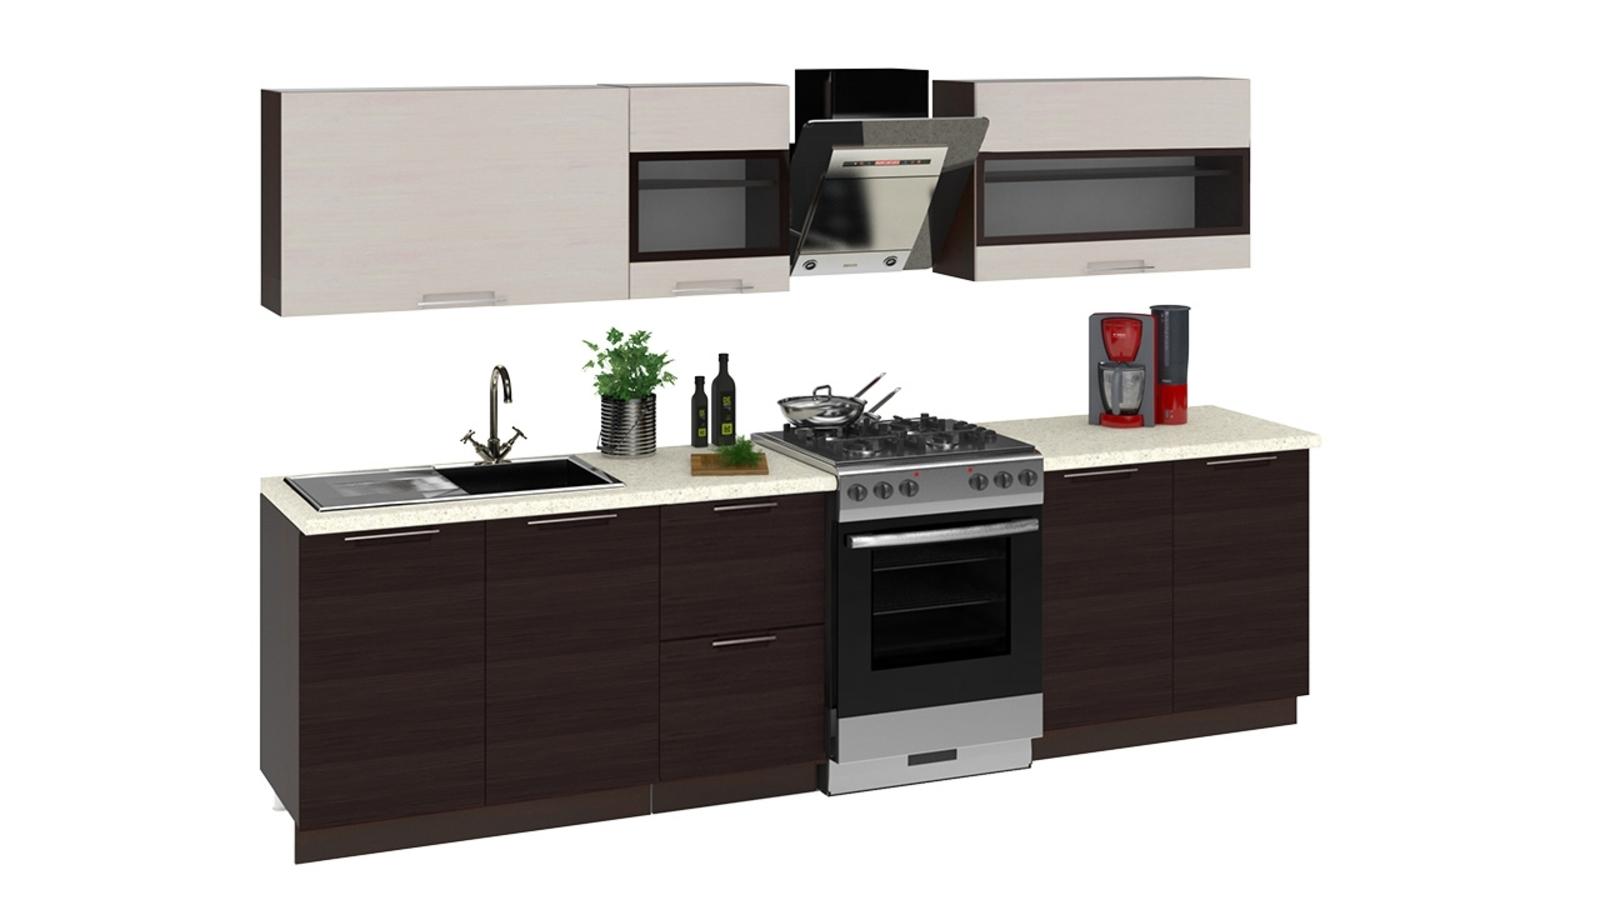 Кухонный гарнитур Мелани 300 см (коричневый)